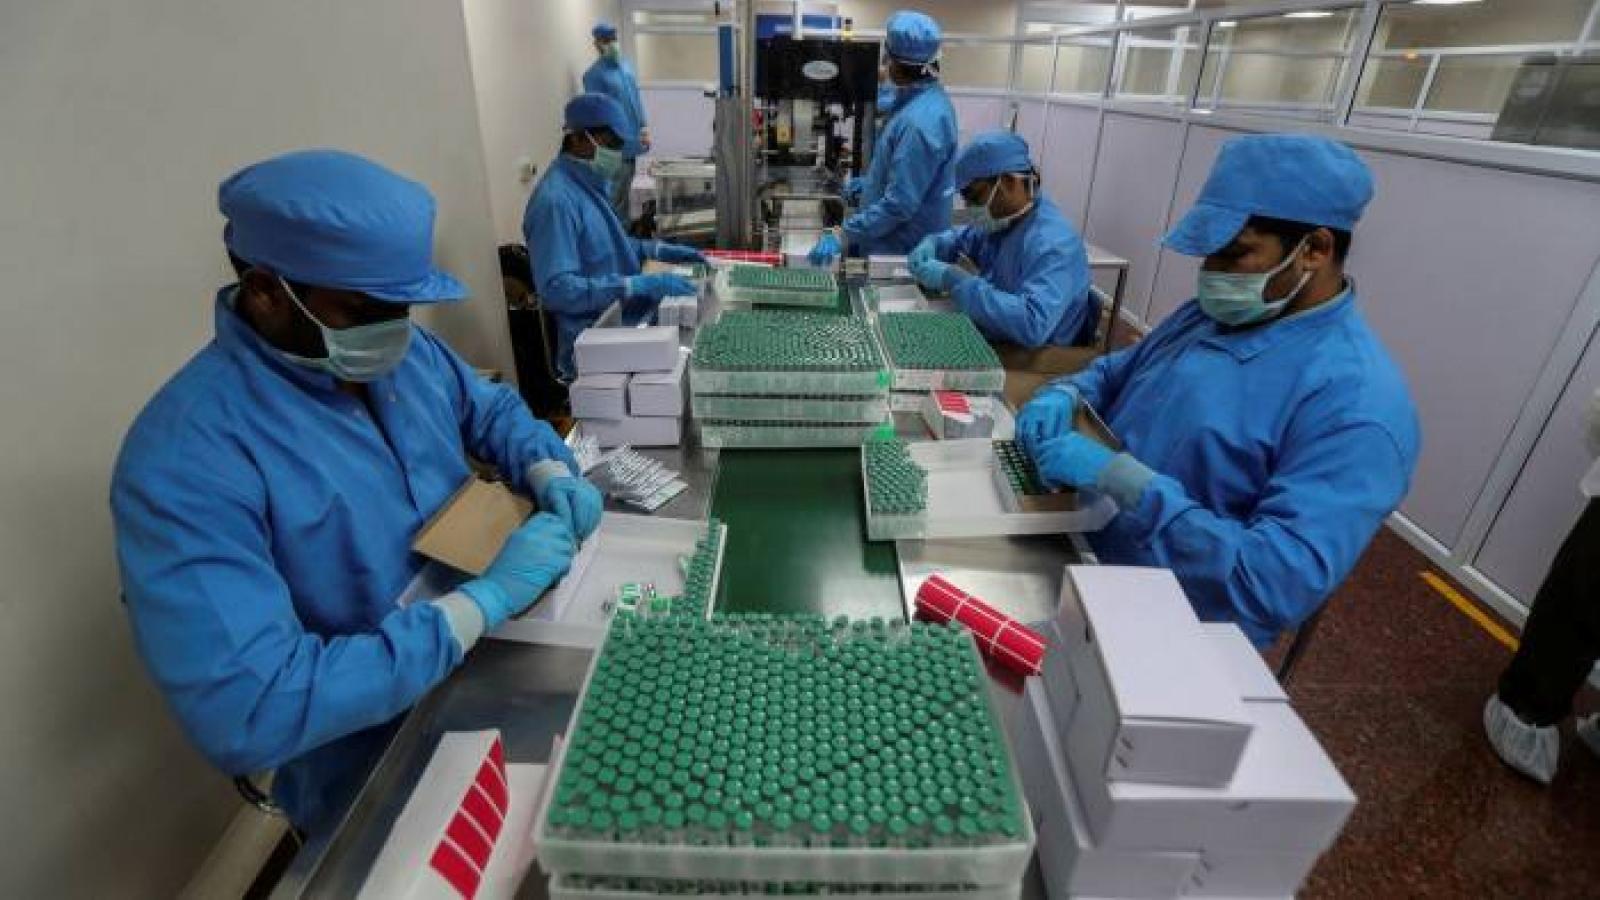 Trung Quốc và Ấn Độ chạy đua ngoại giao vaccine Covid-19